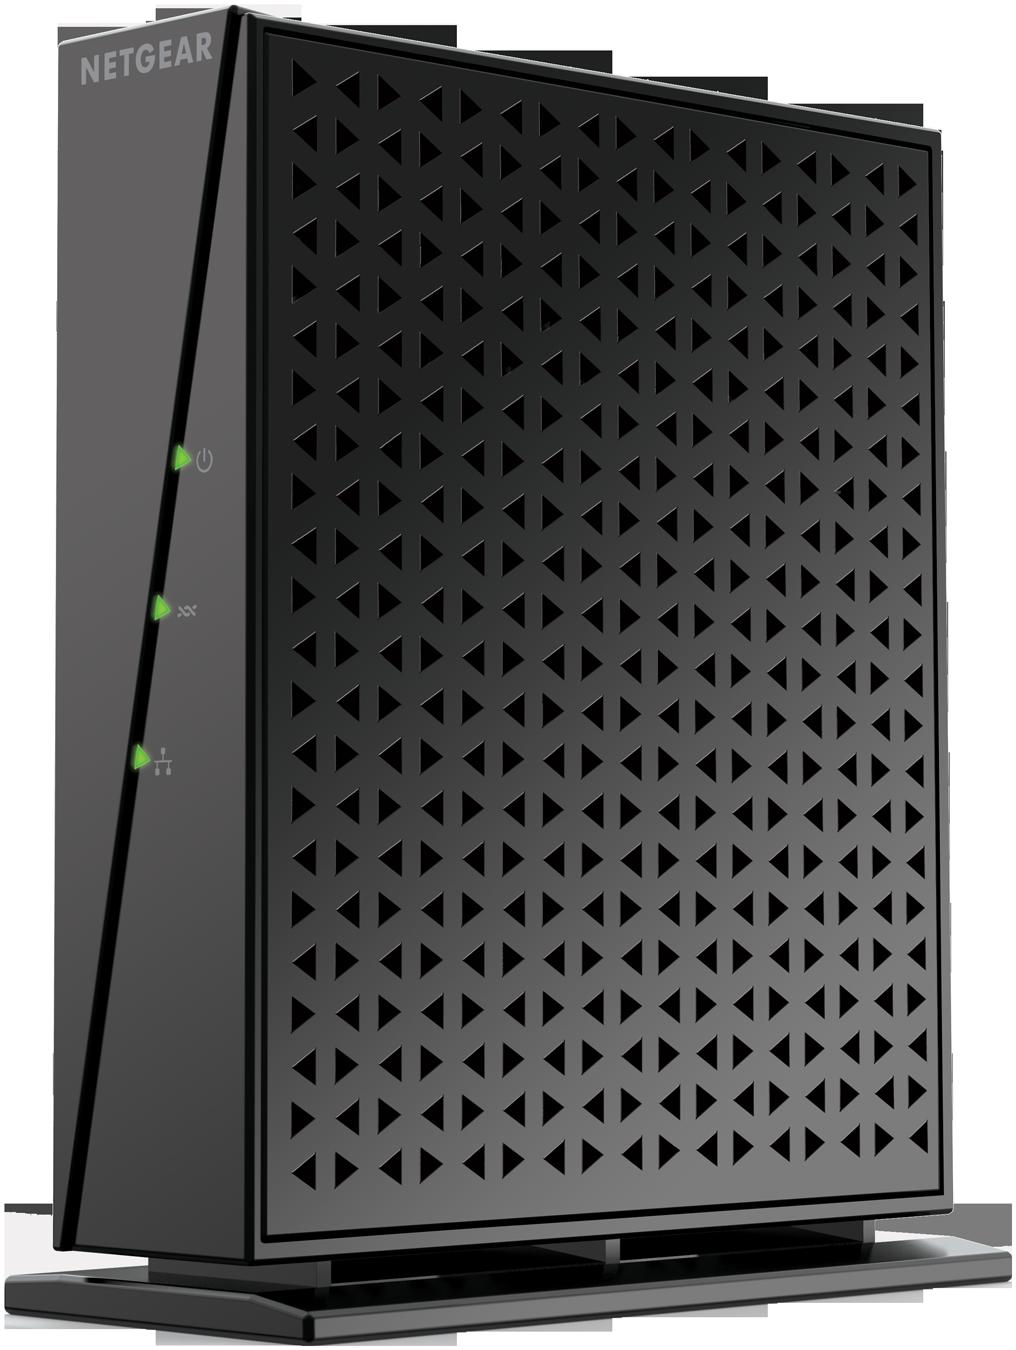 Netgear DM200